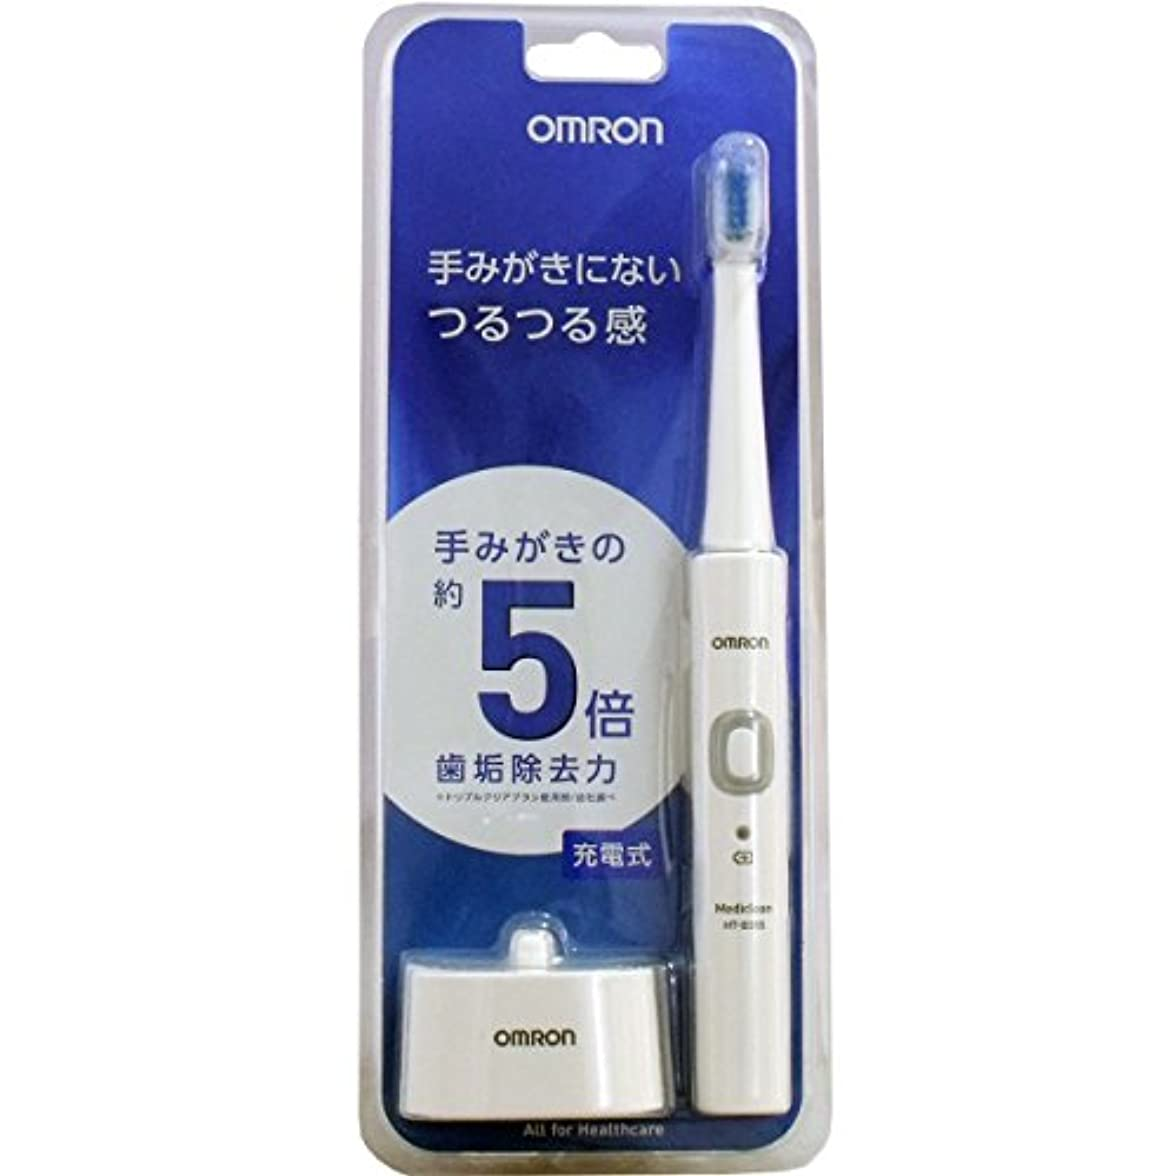 セクタディンカルビル気づくオムロン電動歯ブラシHT-B305-W